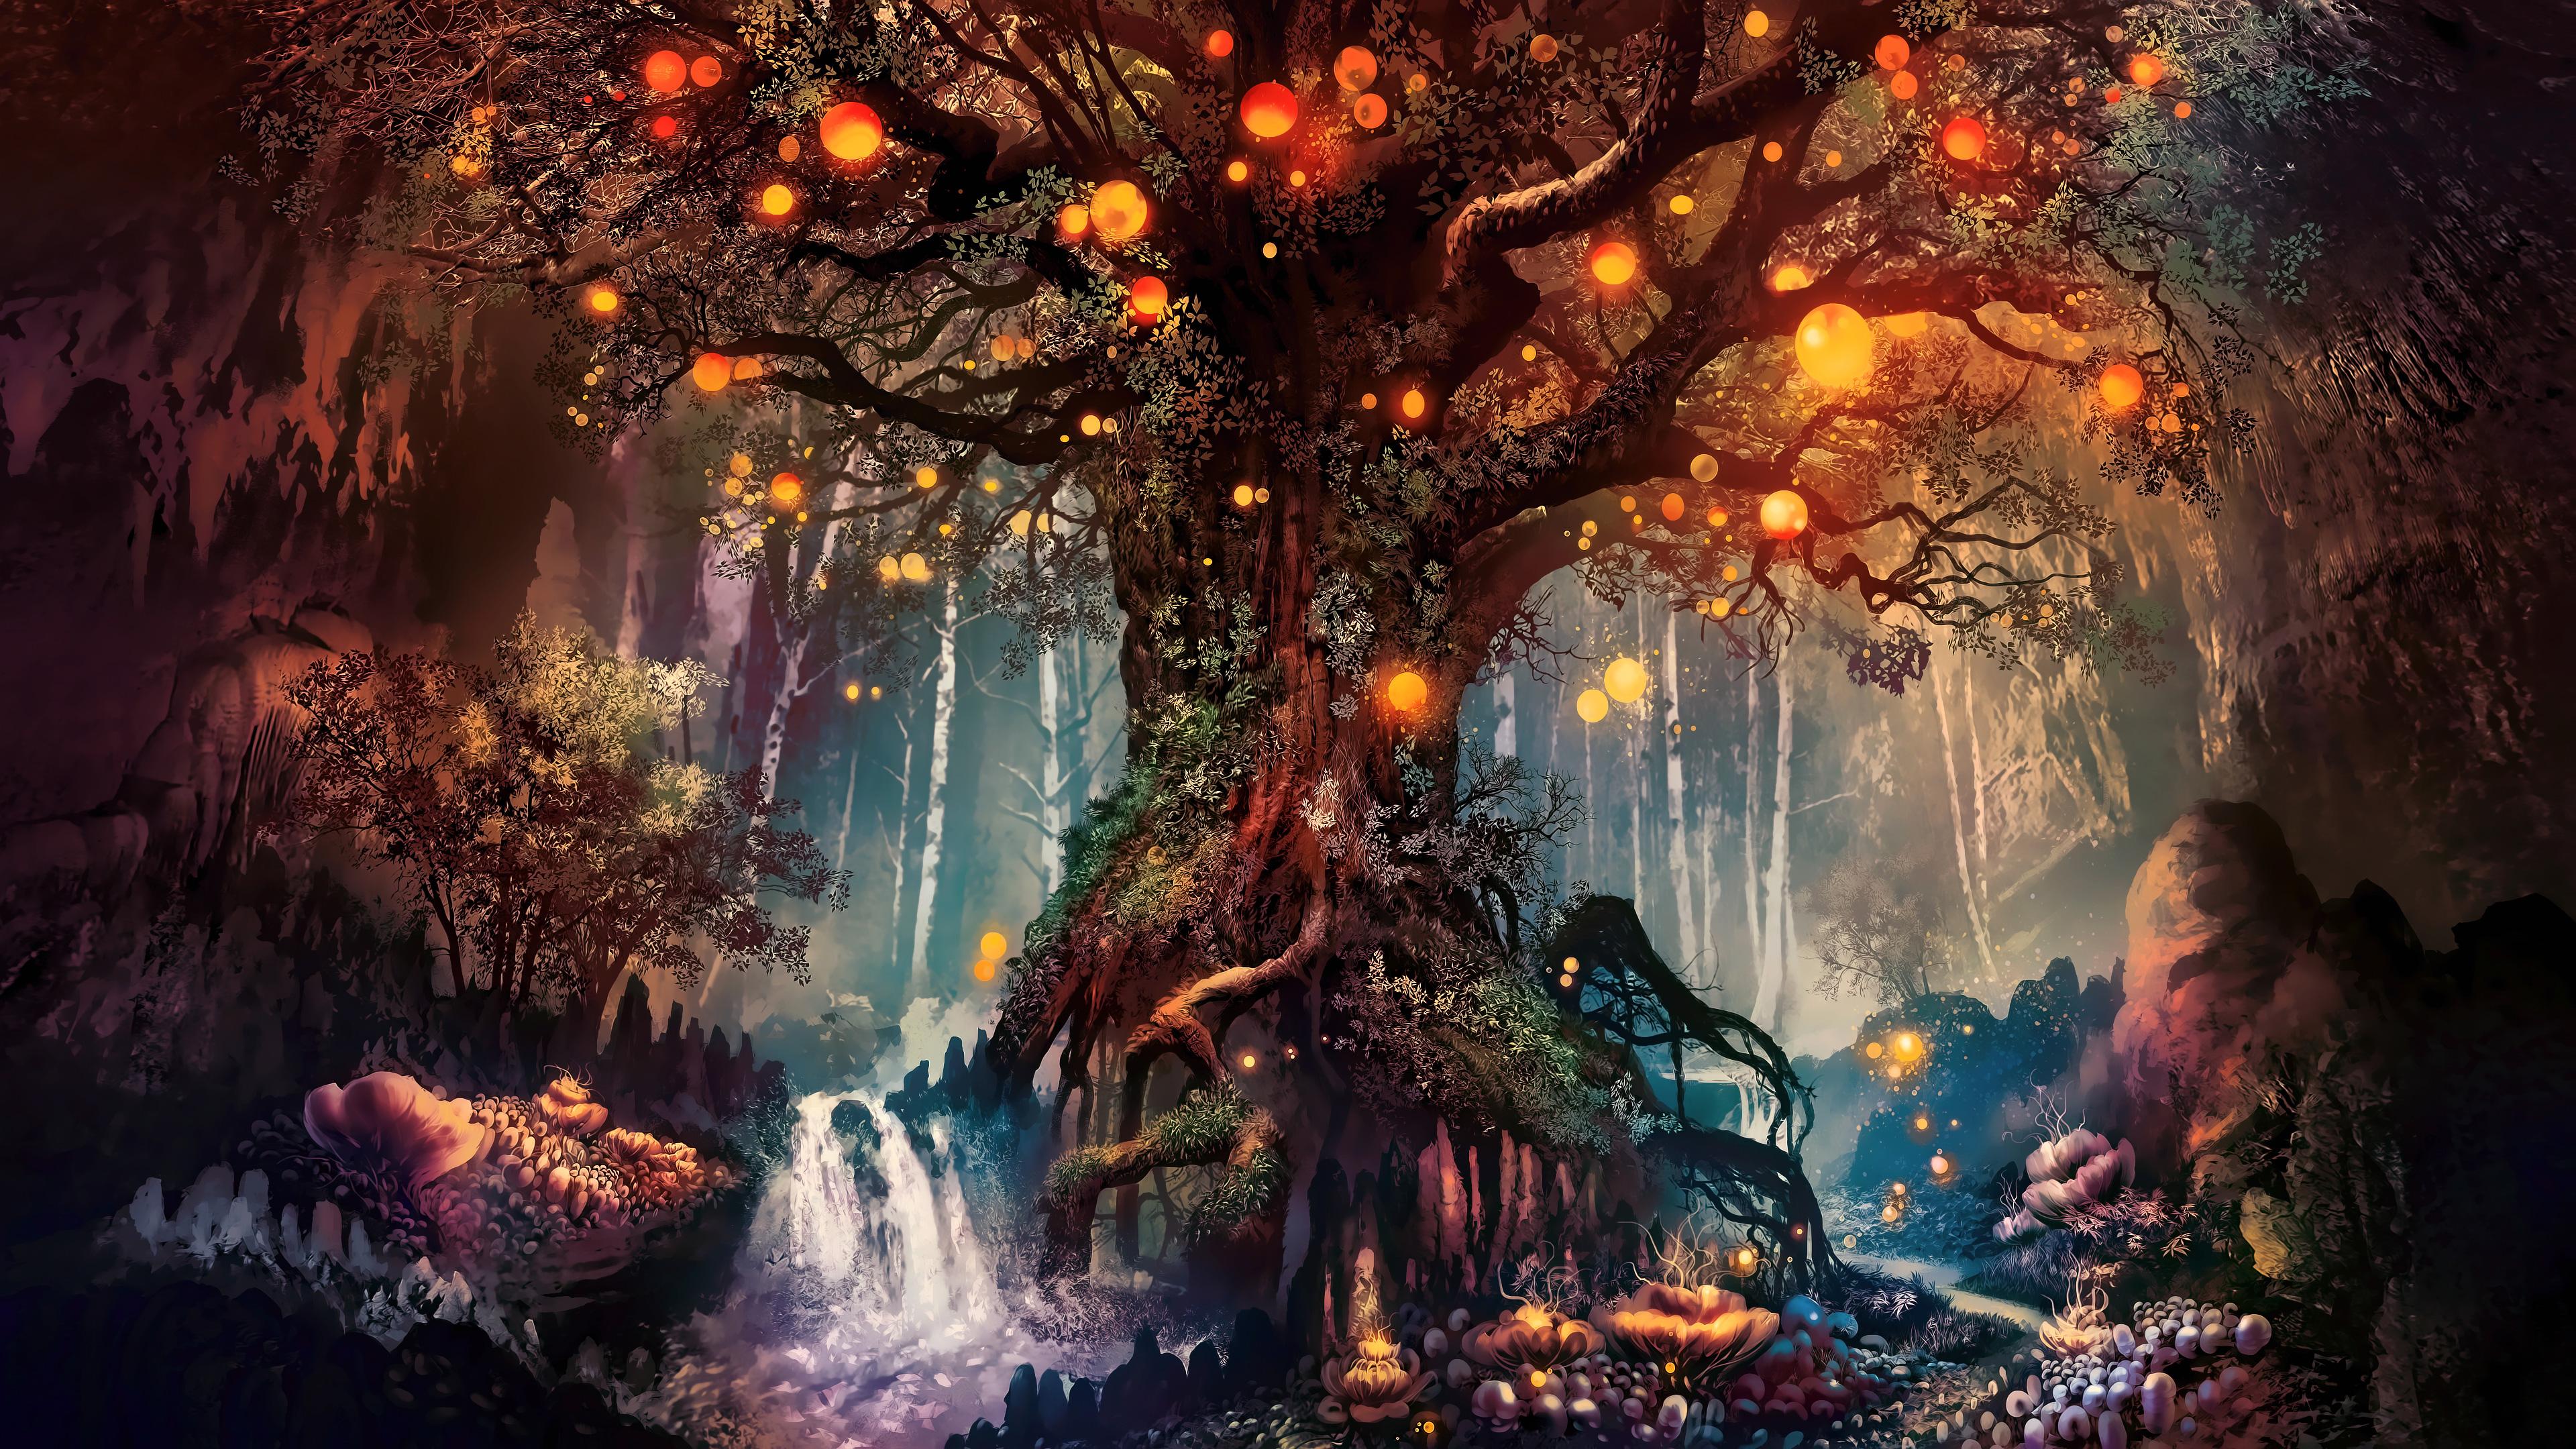 Fantasy Scenery 4k Hd Desktop Wallpaper For 4k Ultra Hd Tv: 3840x2160 Forest Fantasy Artwork 4k 4k HD 4k Wallpapers